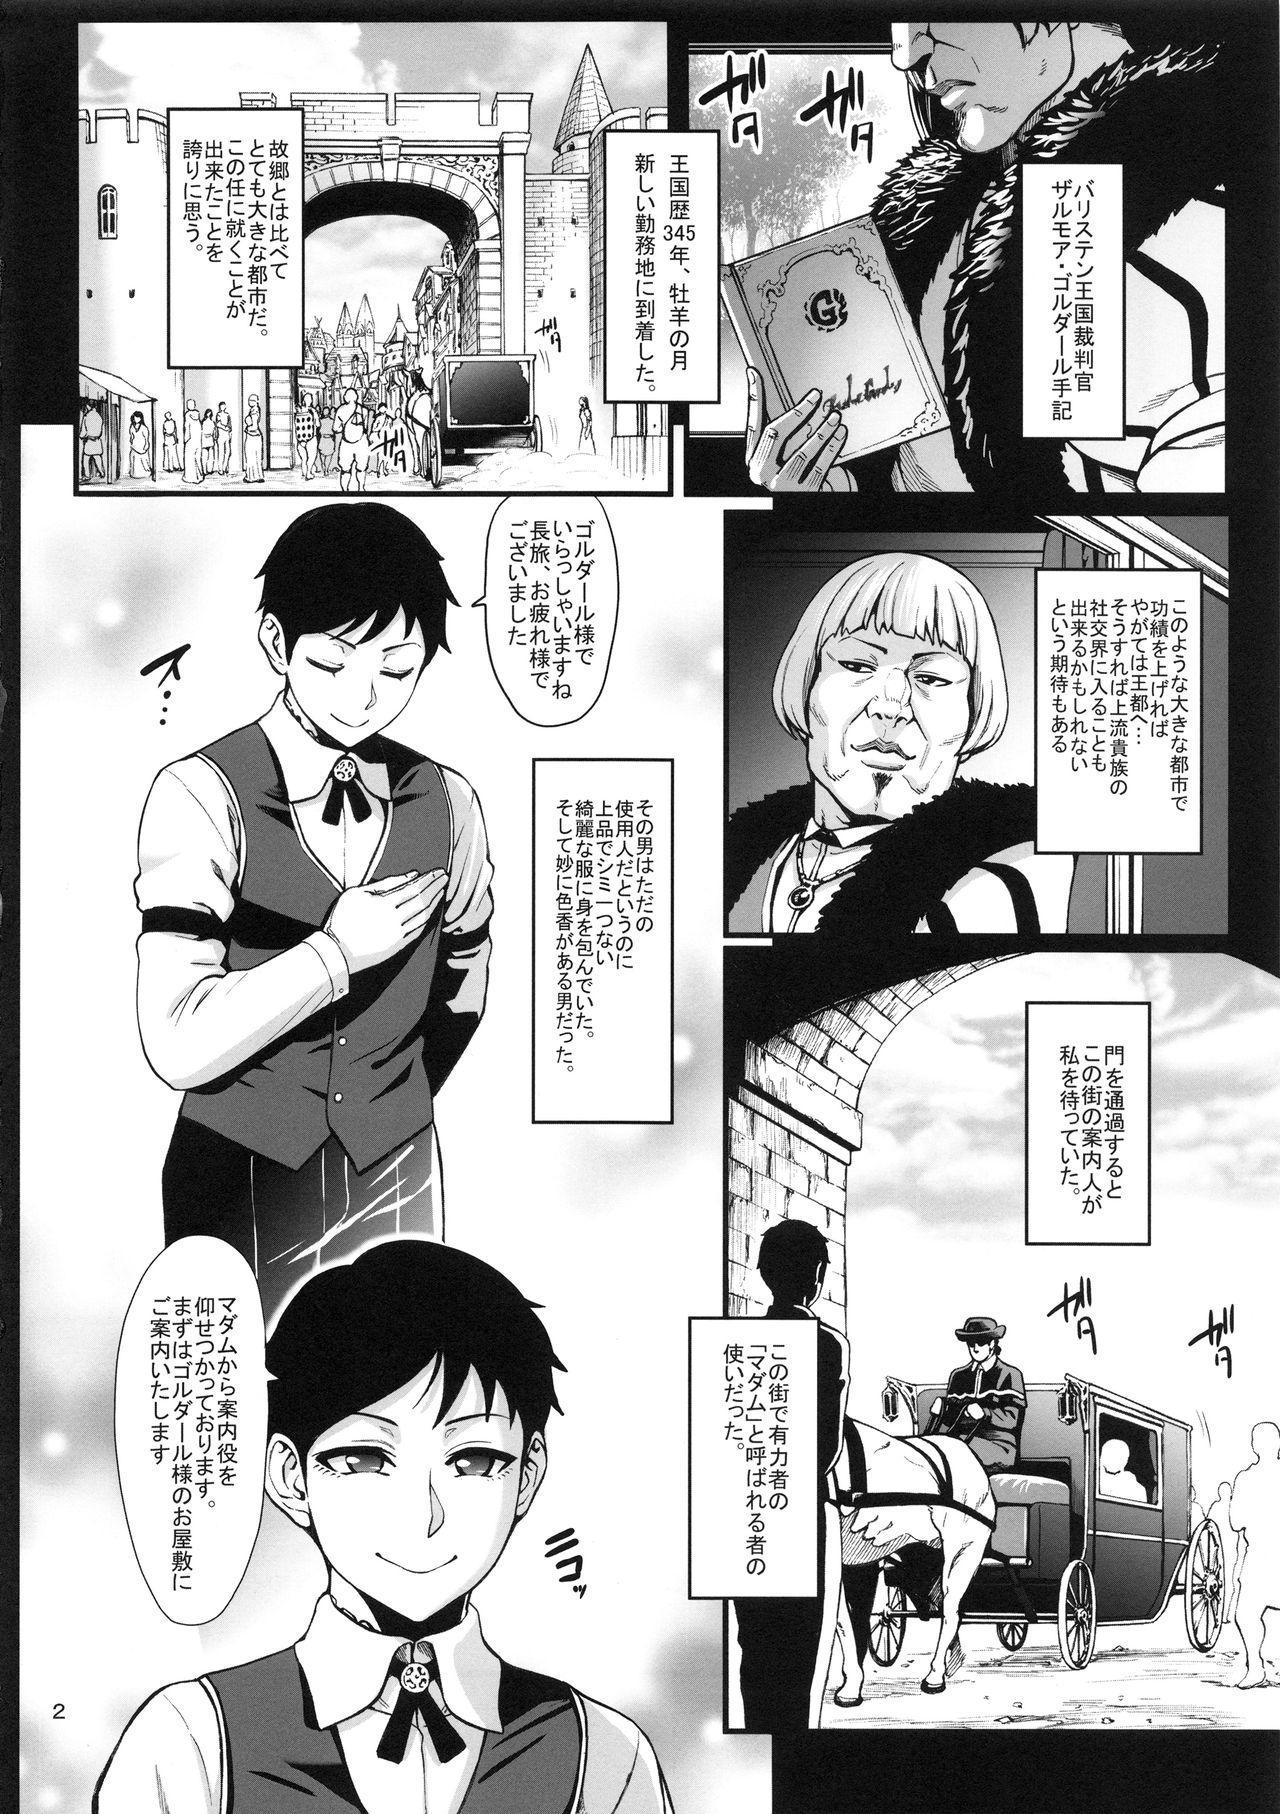 Houjou no Reizoku Elf 5 + Omake no Matome Sono 2 2